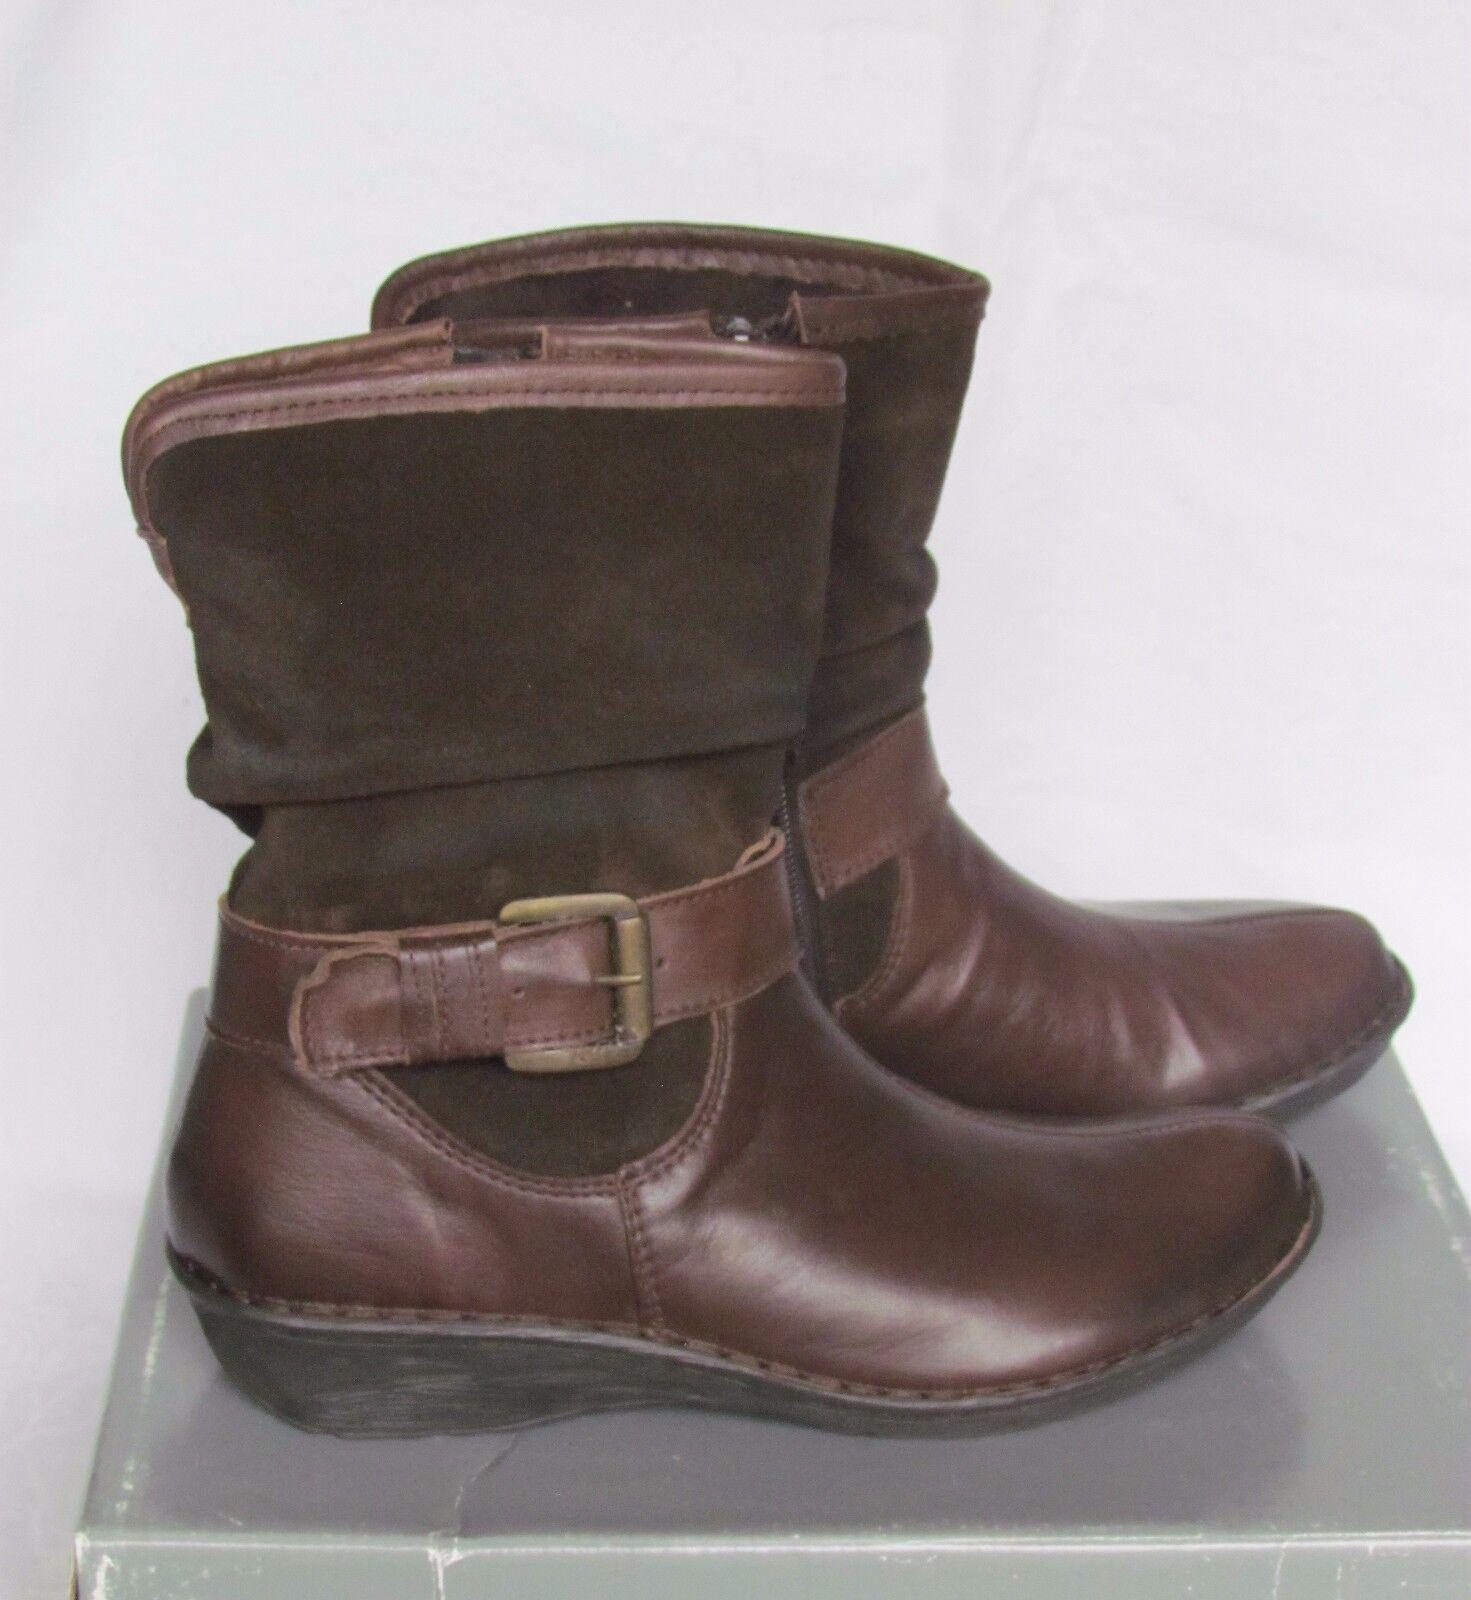 Nuevo John Lewis Damas Cuña al & Tobillo de Cuero & al Gamuza Marrón Botas Talla 3 008d22